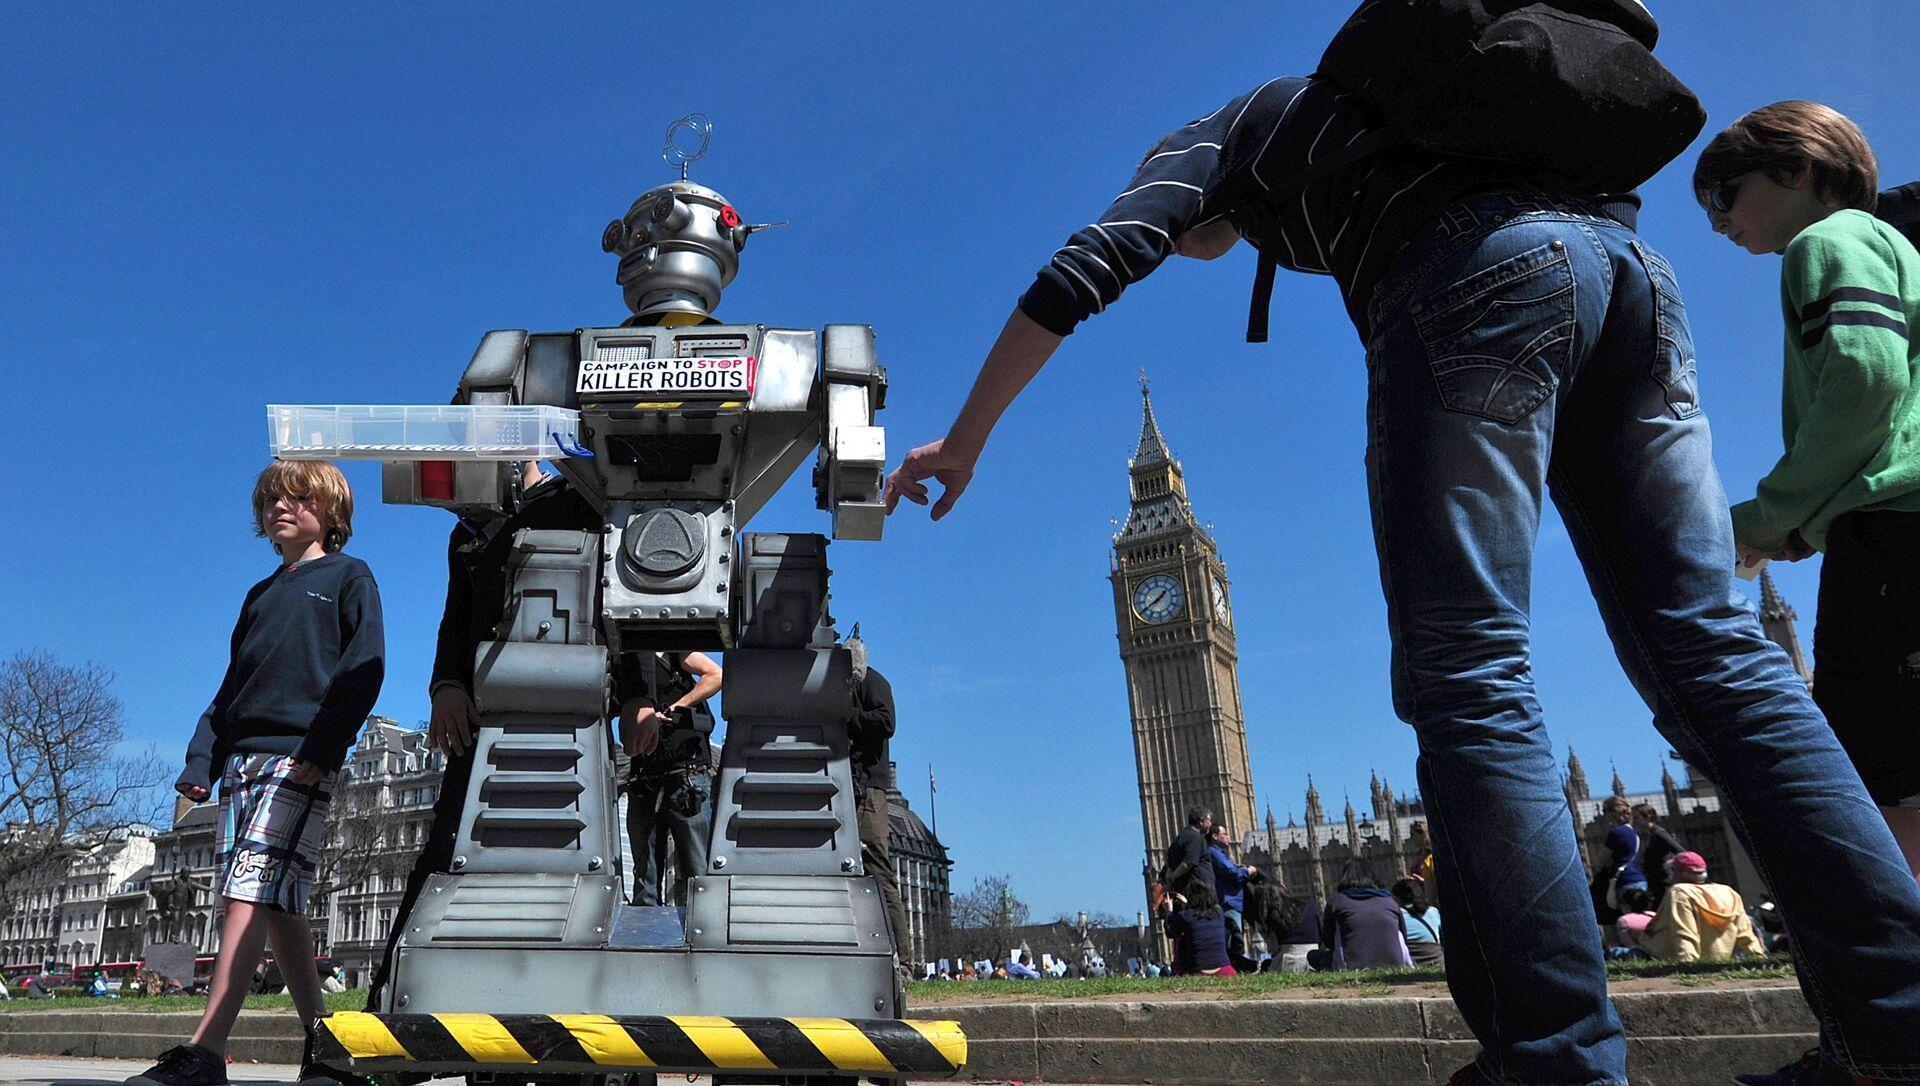 People look a mock killer robot in central London - Sputnik International, 1920, 02.08.2021